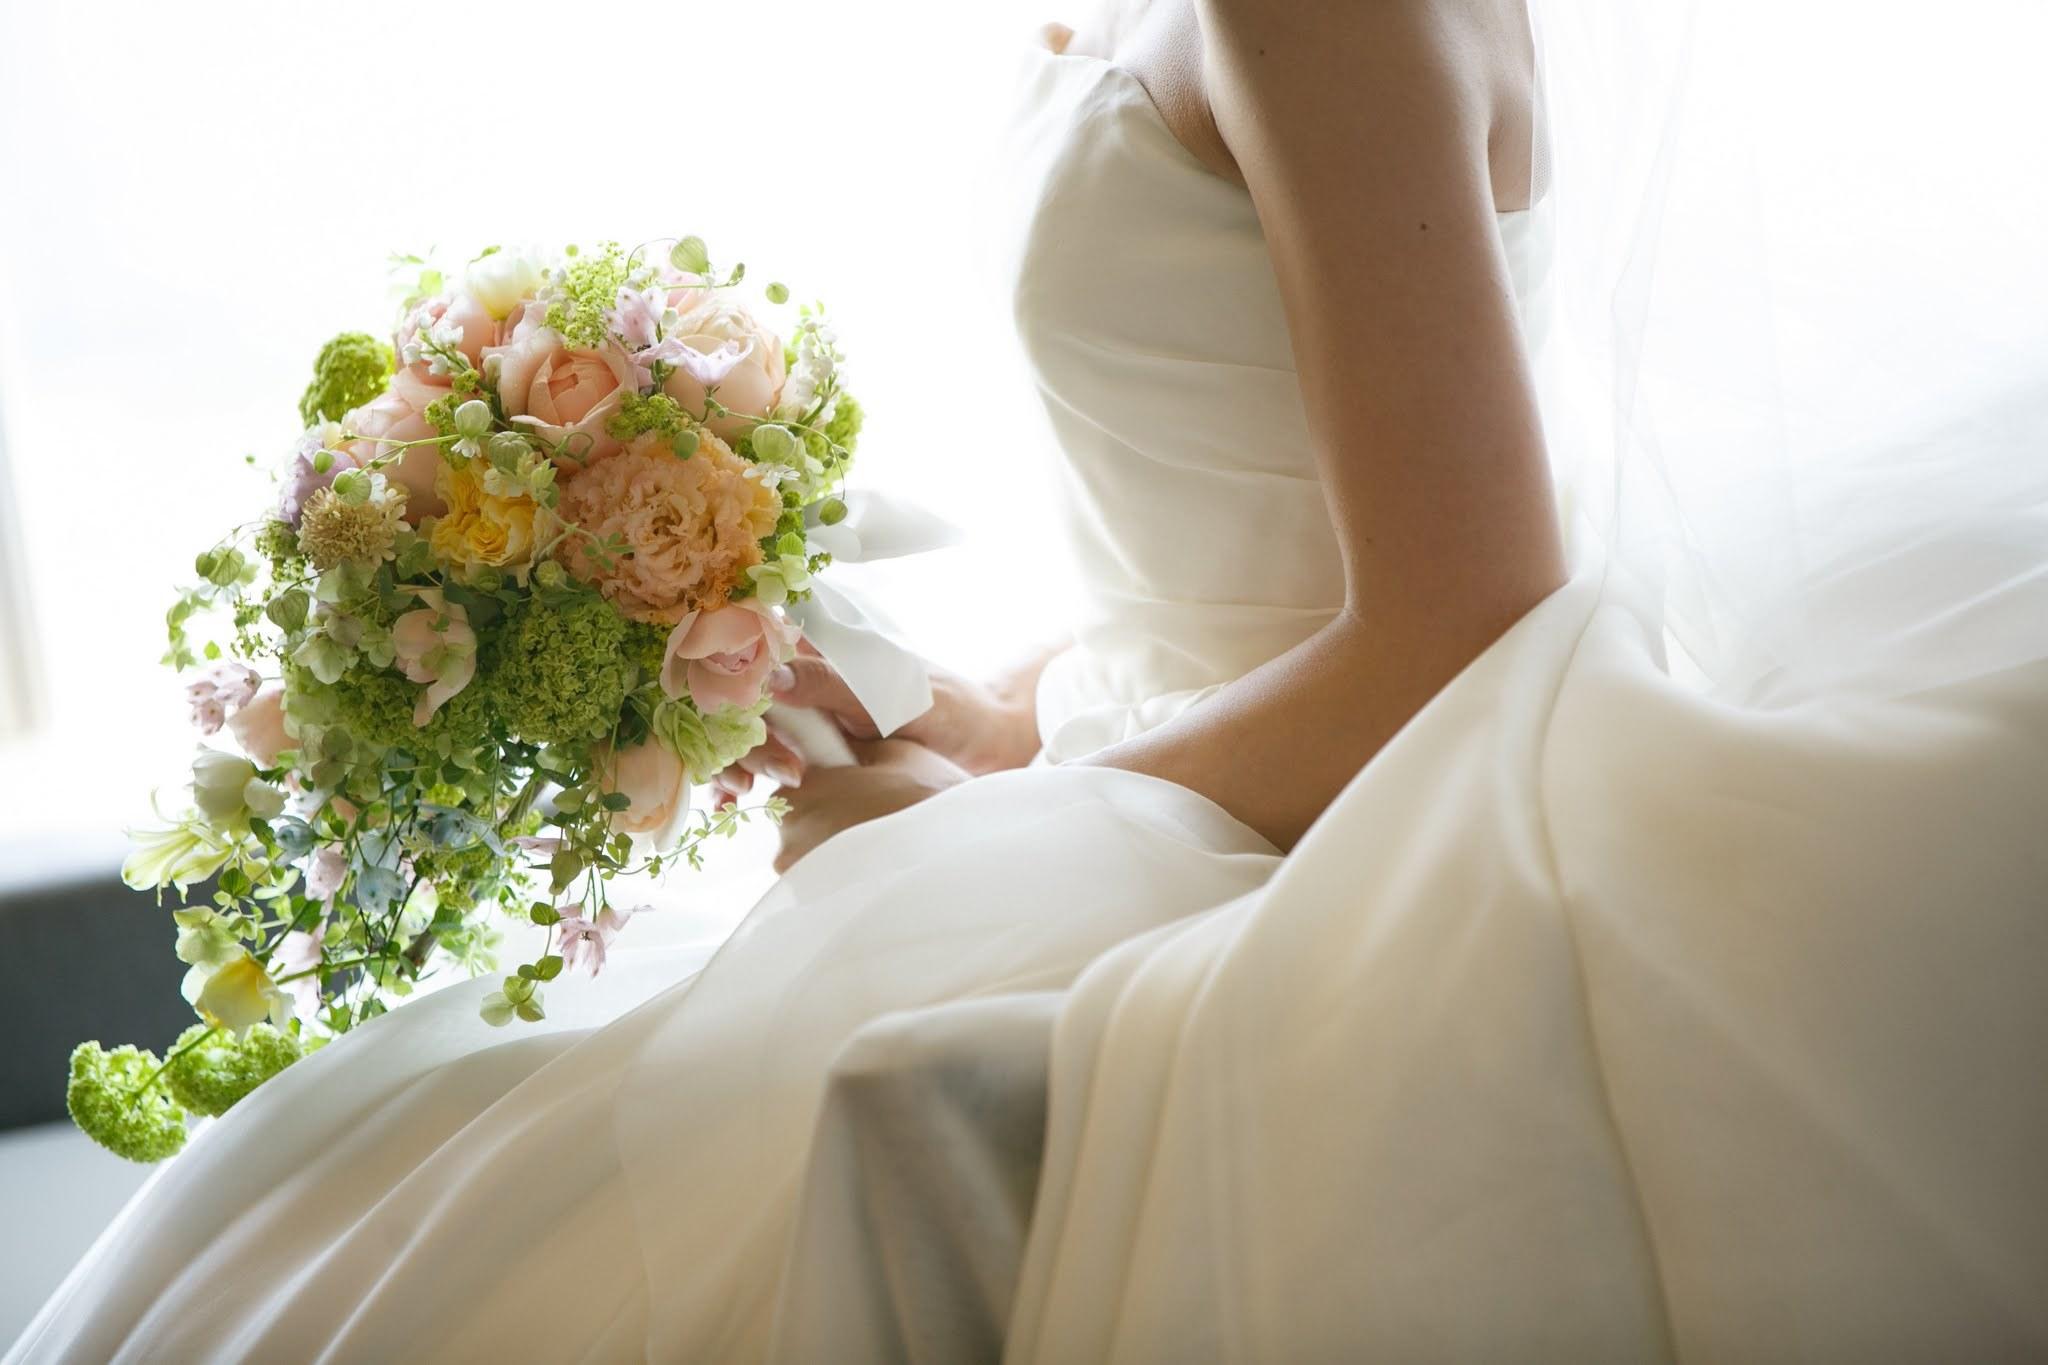 新郎新婦様からのメール ヨコハマグランドインターコンチネンタル様へ KIZUNA、そして26種の花_a0042928_16382404.jpg